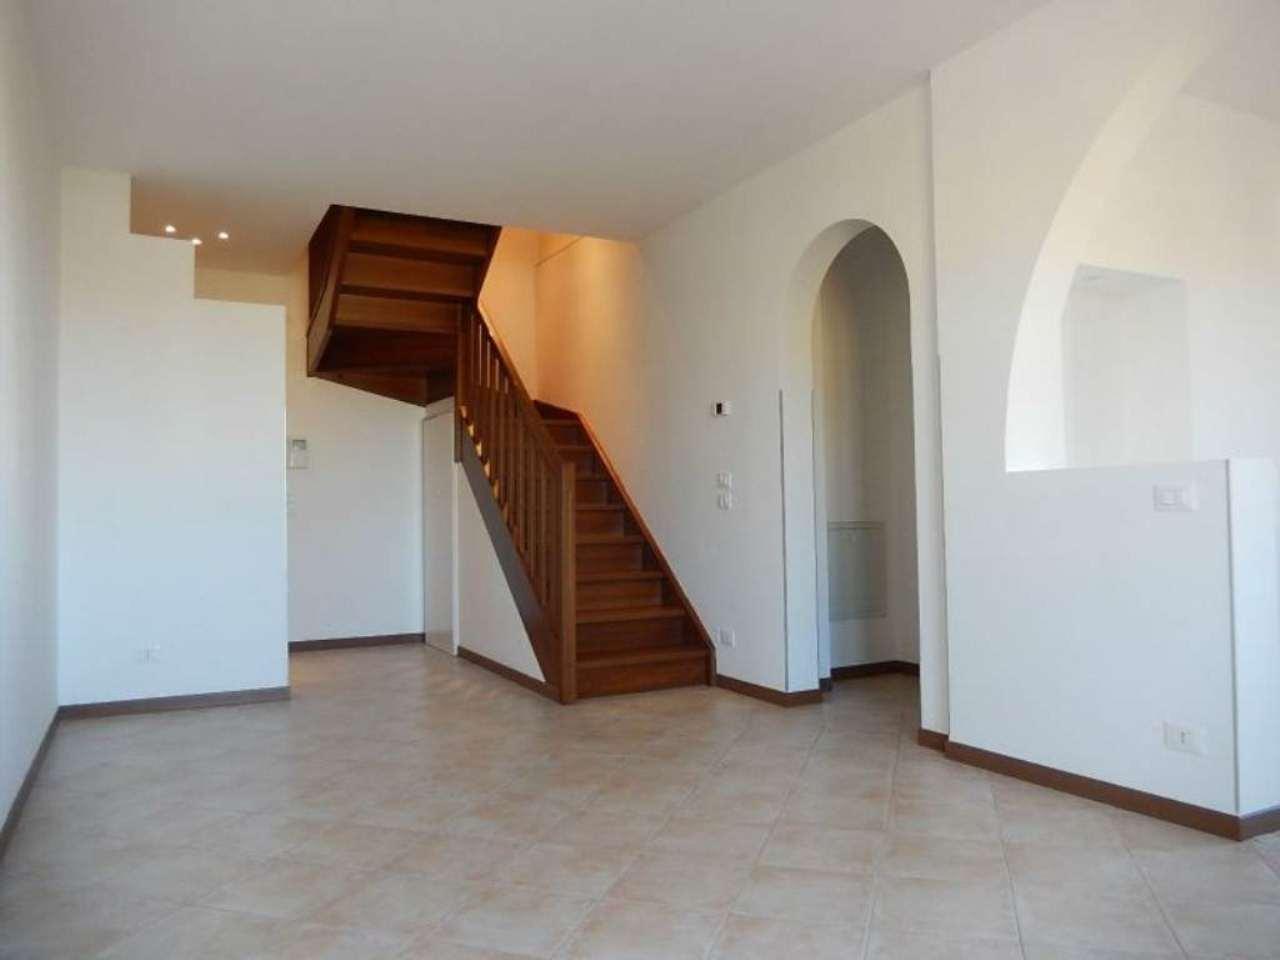 Appartamento in vendita a Albignasego, 4 locali, prezzo € 156.000 | Cambio Casa.it